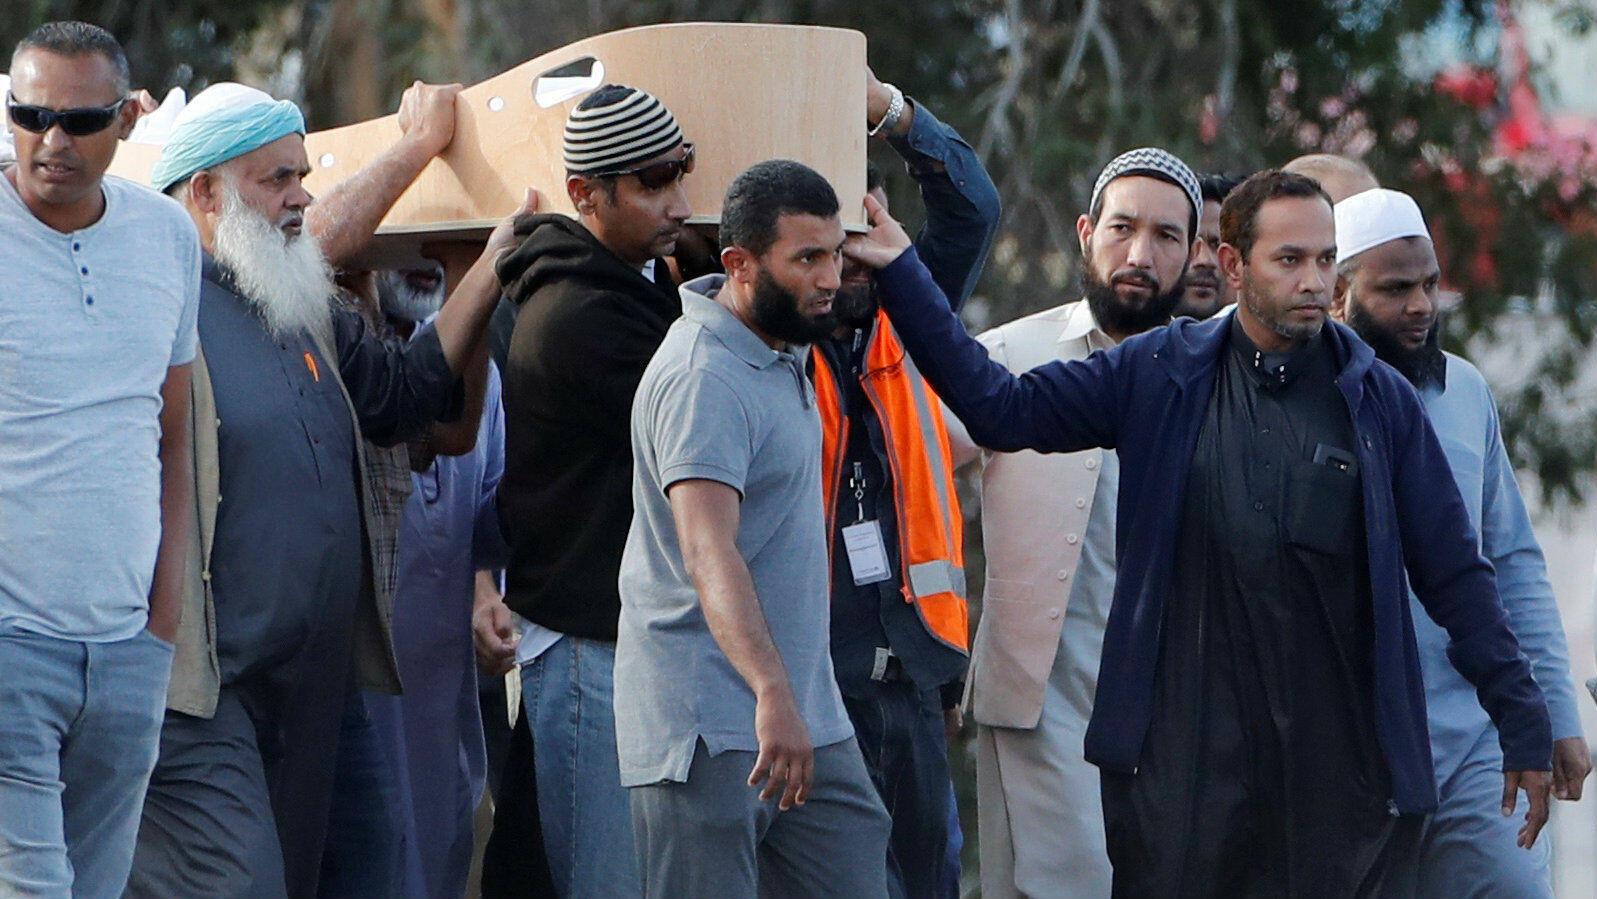 El 20 de marzo de 2019, miembros de la comunidad musulmana en Nueva Zelanda acuden a los primeros funerales de las víctimas de la masacre contra dos mezquitas, en Christchurch,ocurrida el pasado 15 de marzo.